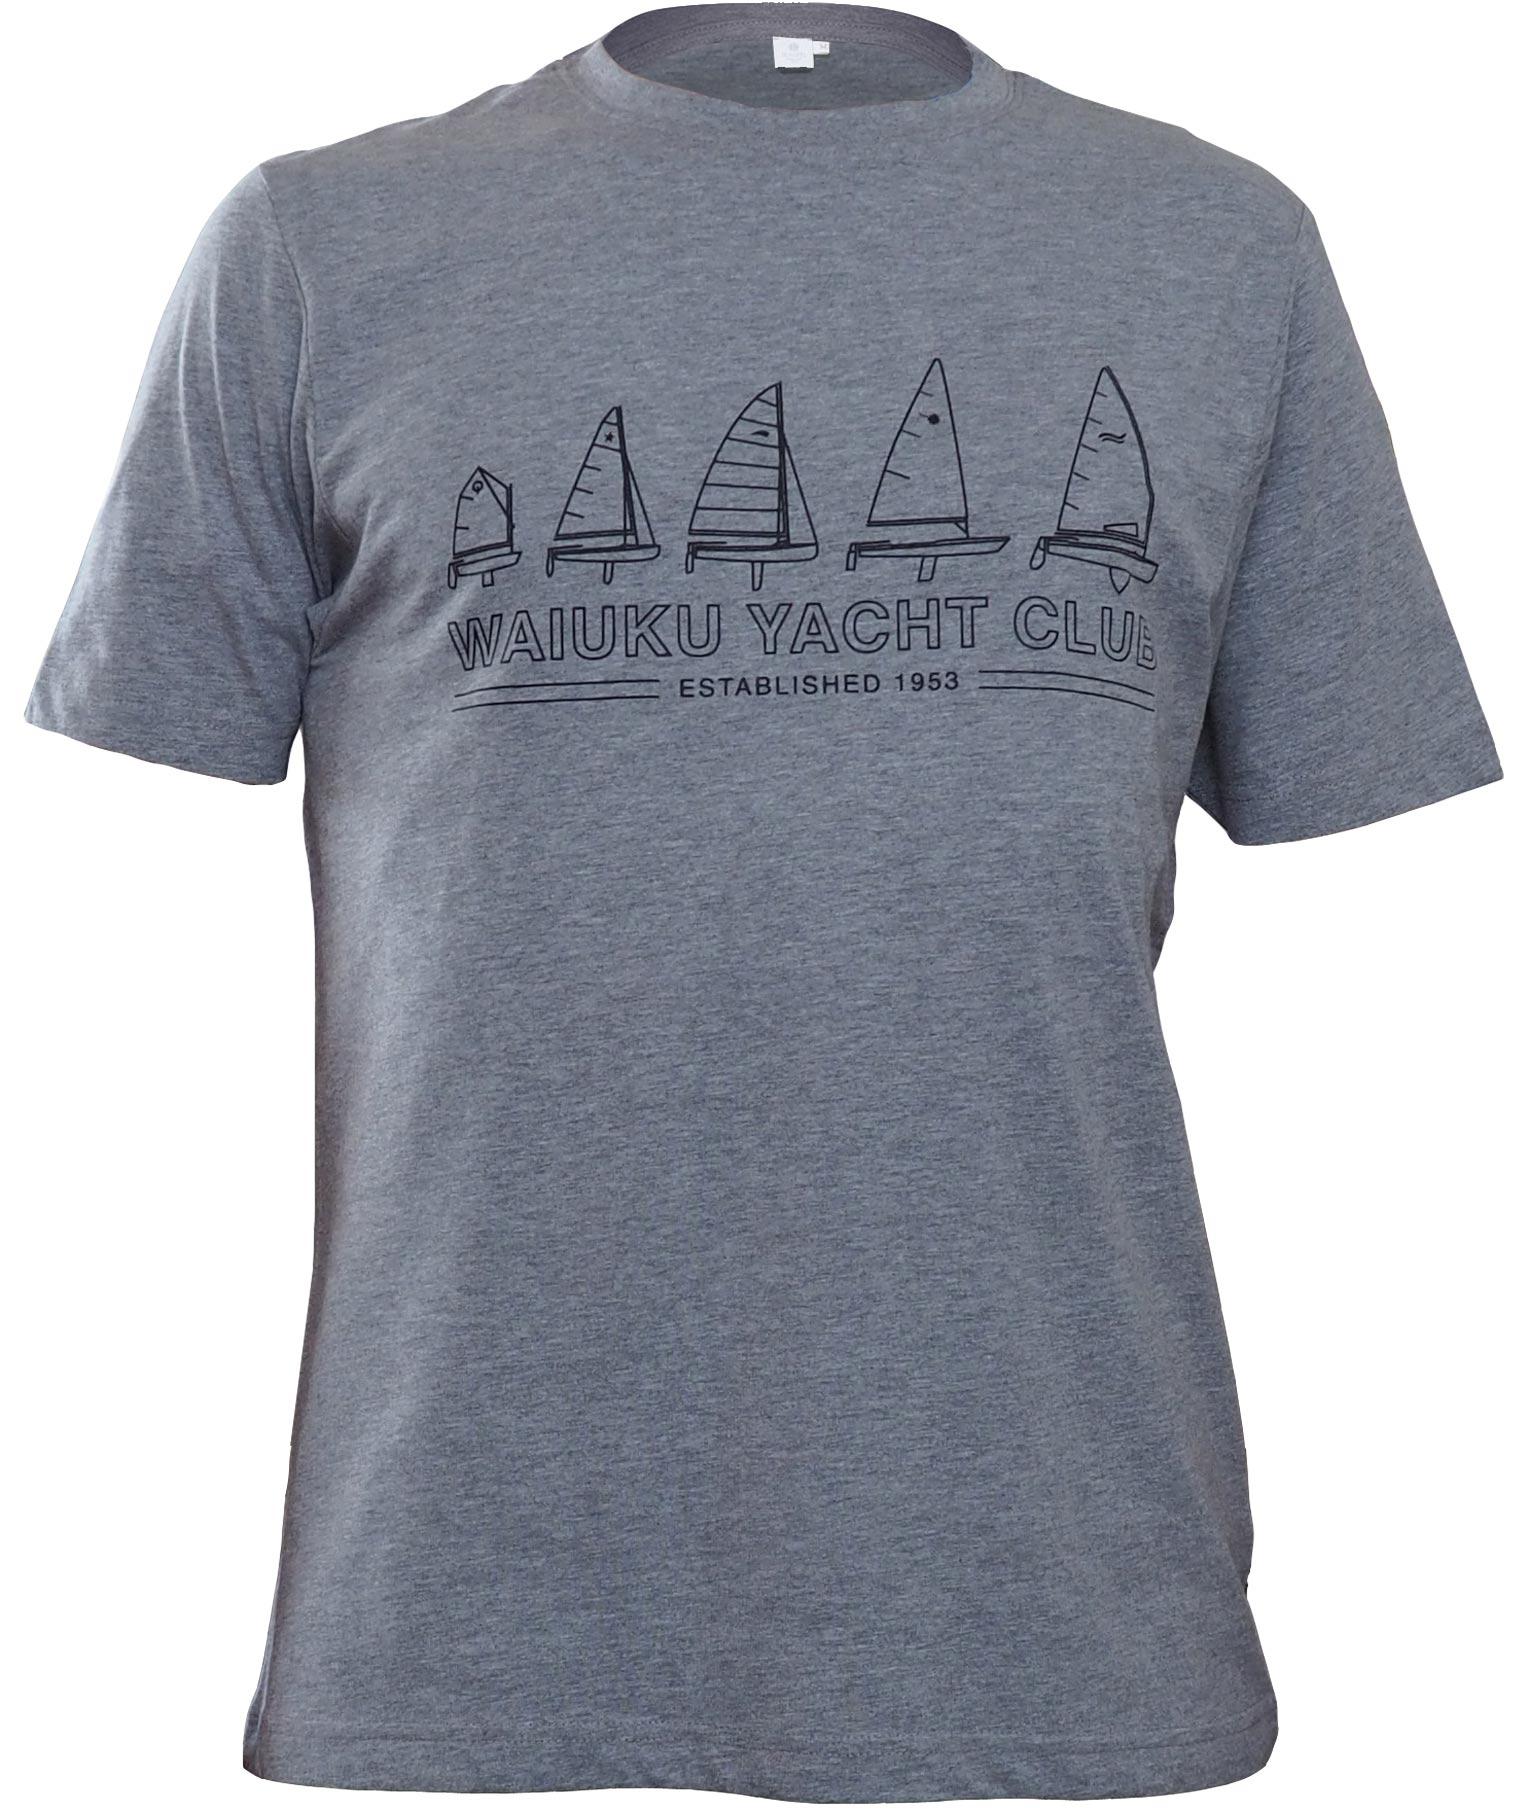 WYC Tee Shirt